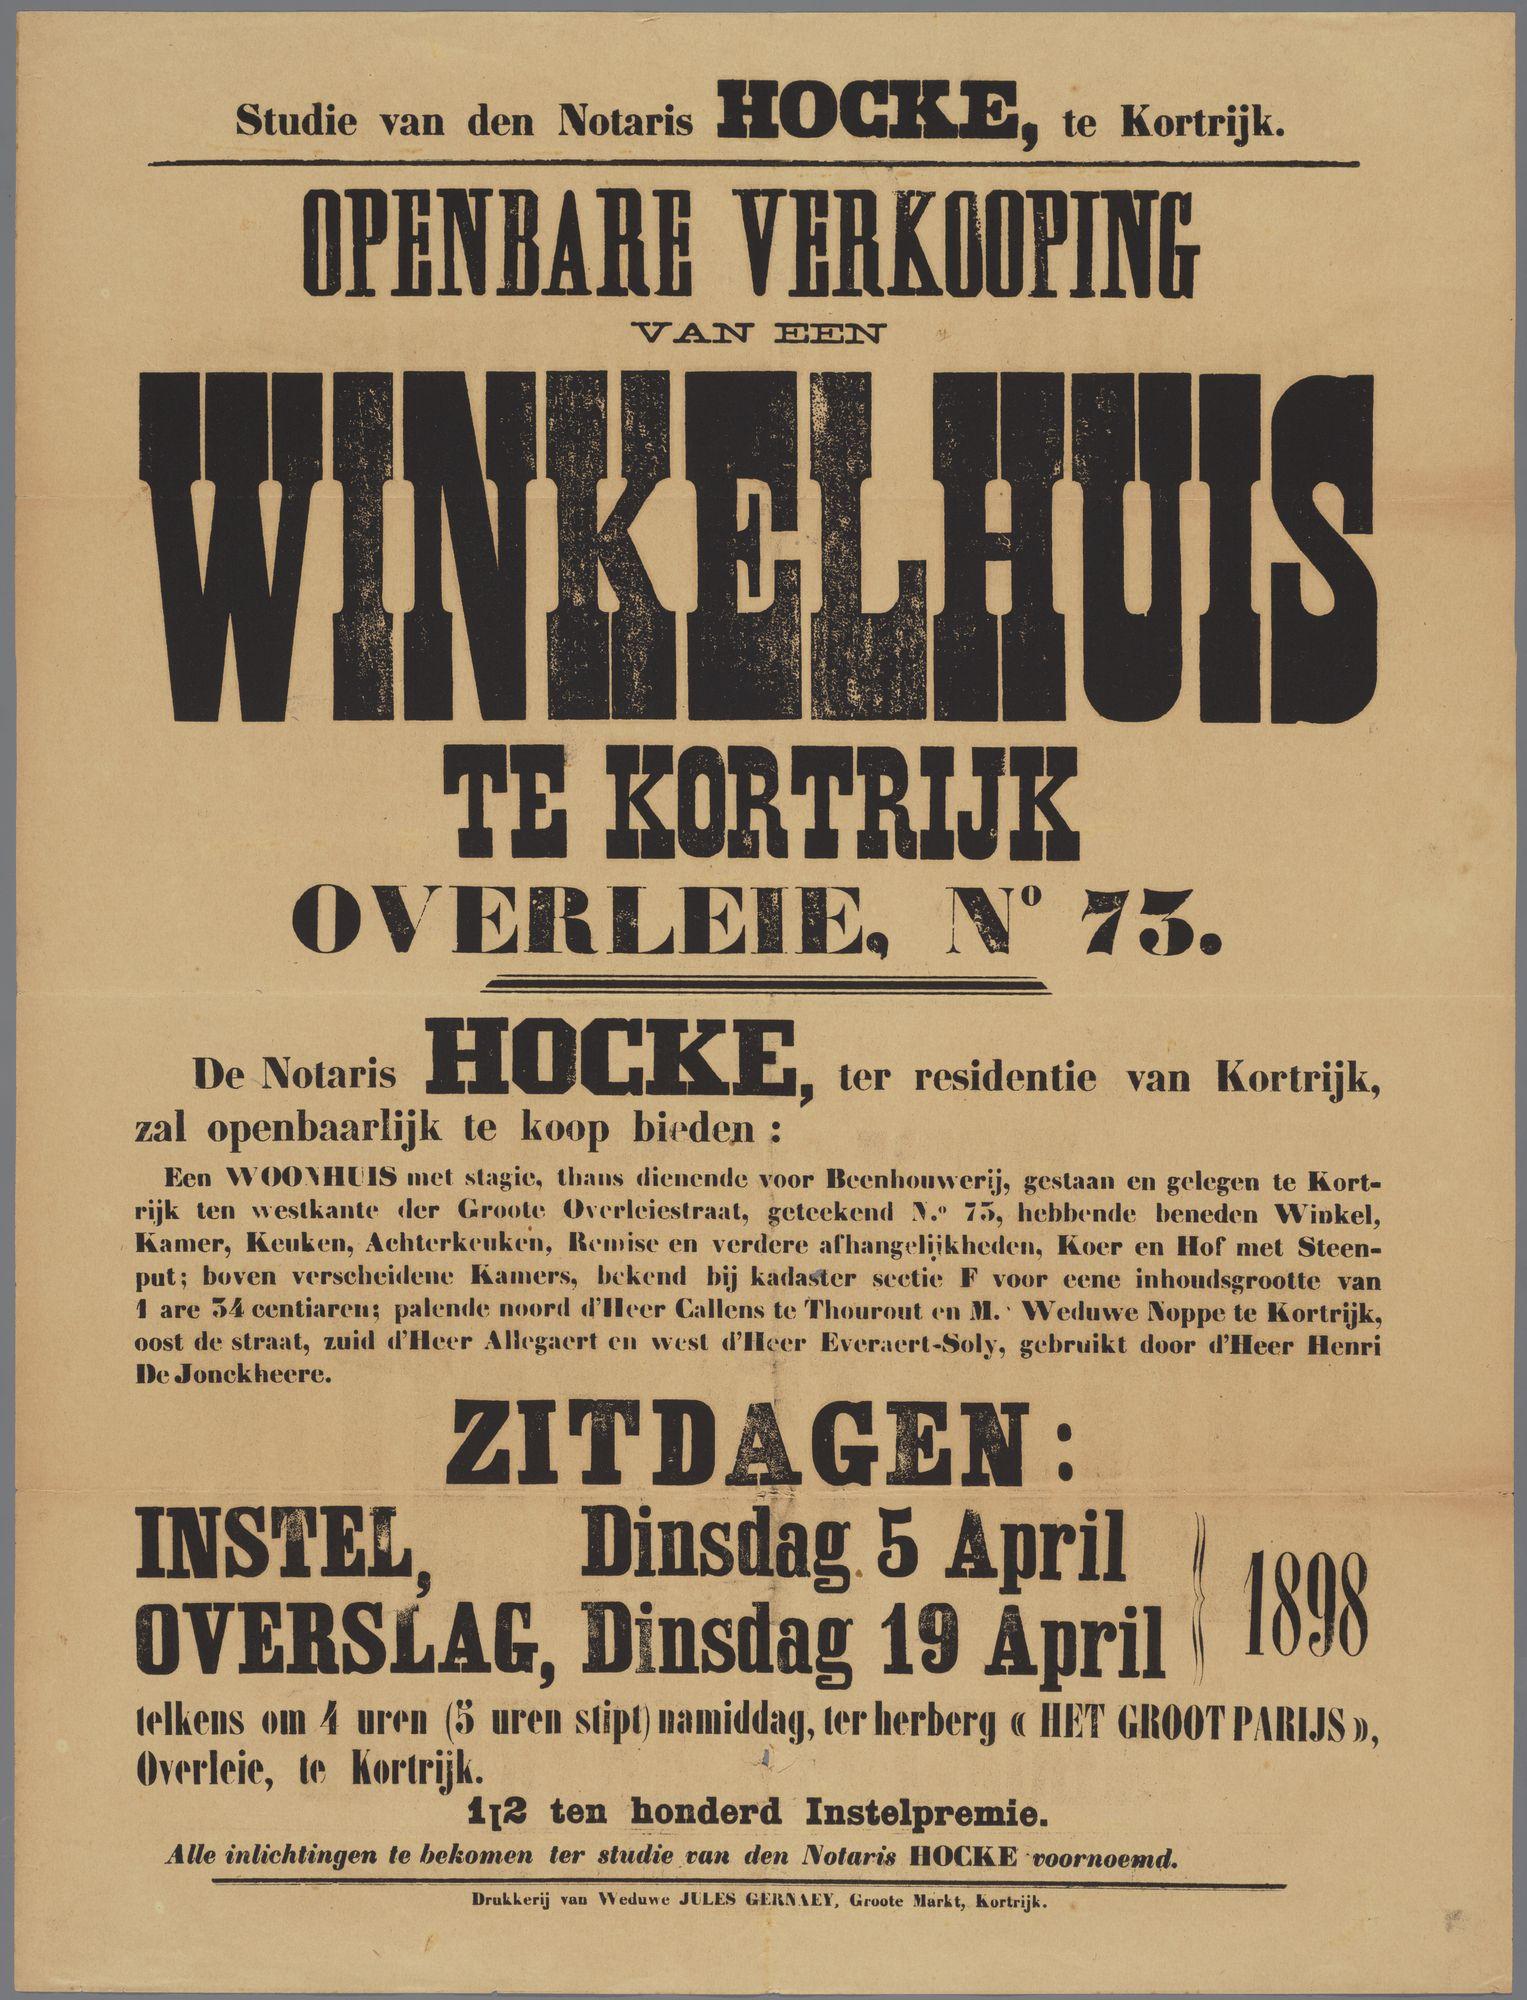 Verkoop van een handelspand 1898